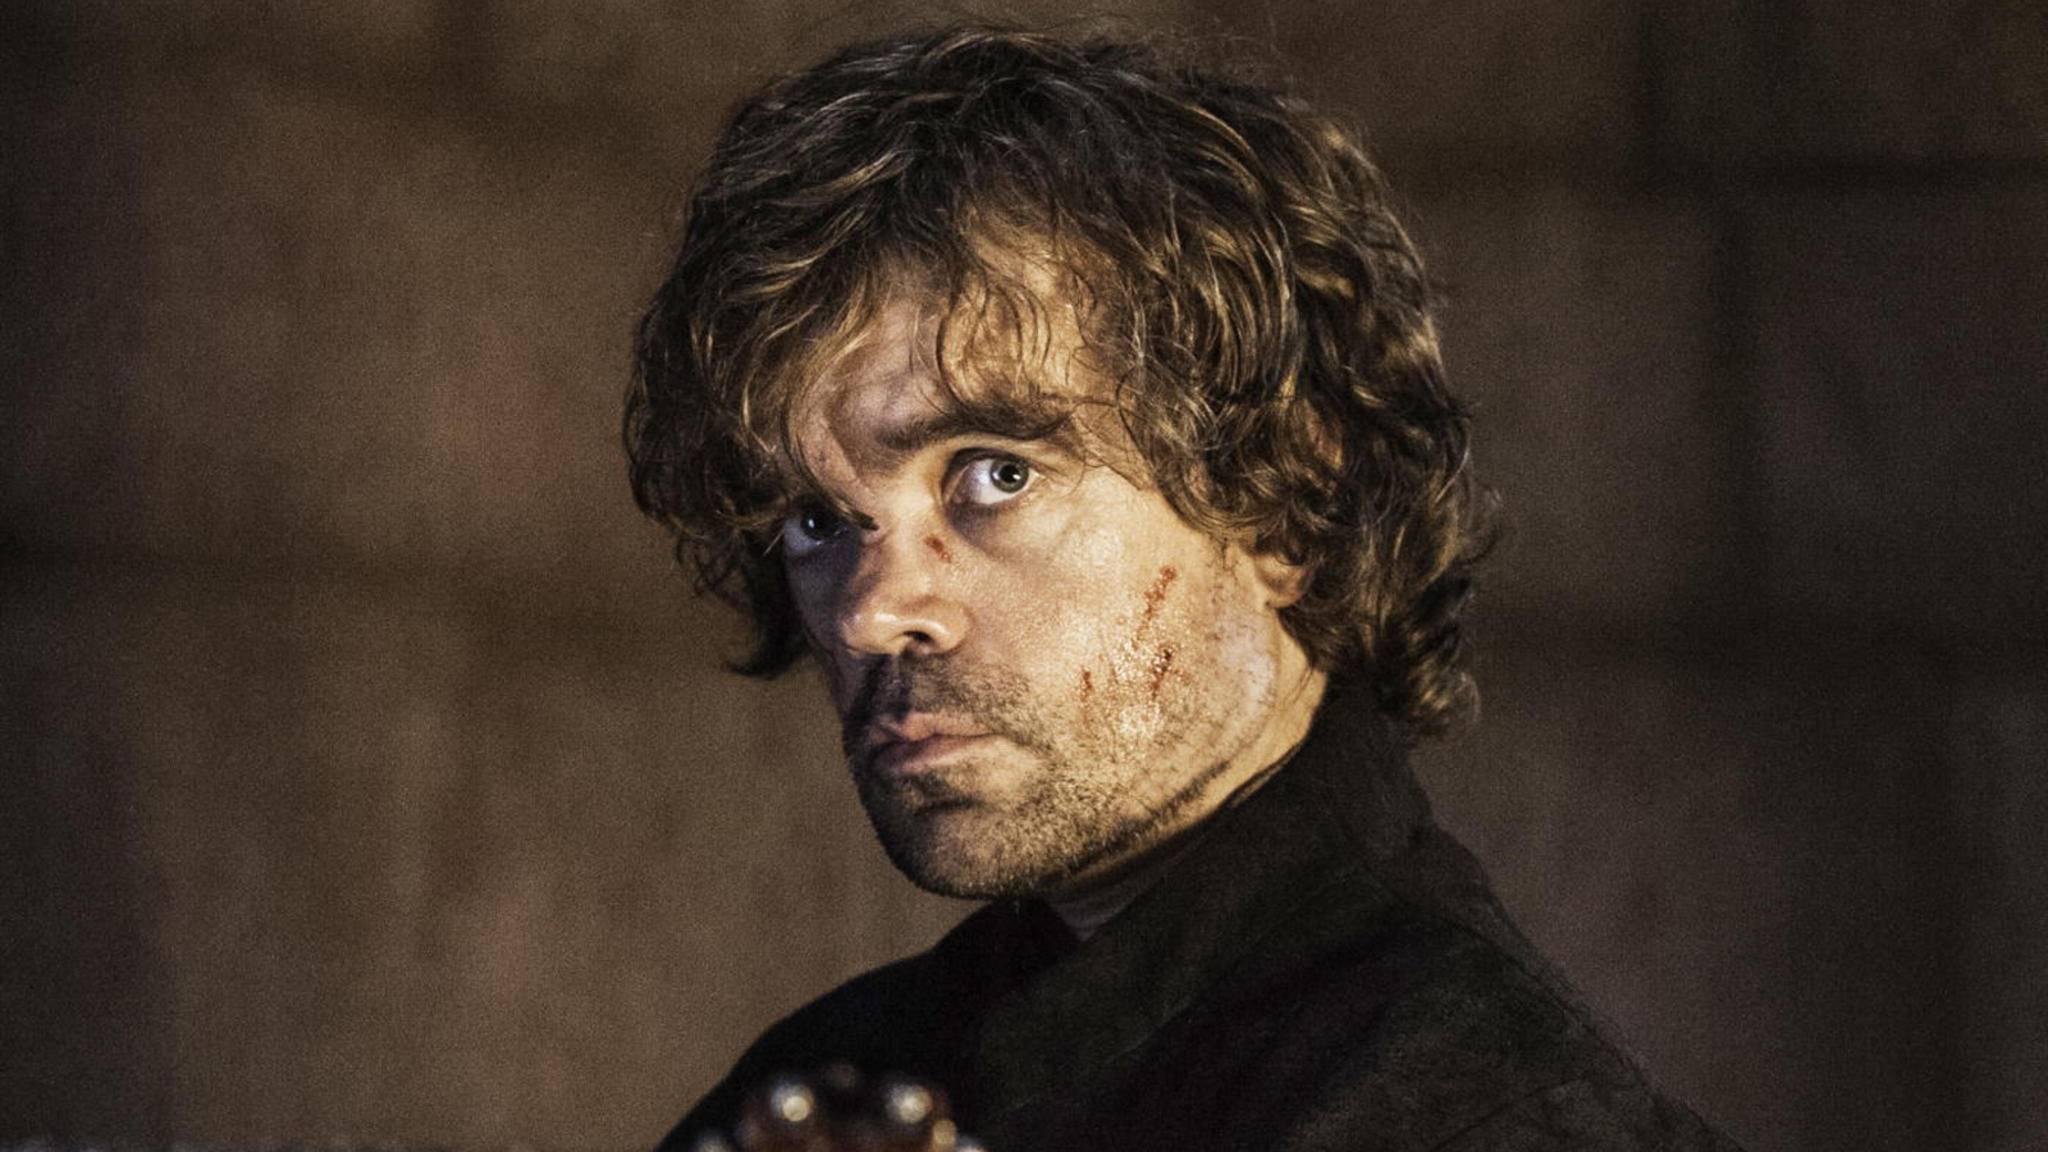 """Nach """"Game of Thrones"""" könnte auf Peter Dinklage ein neues, gigantisches Universum warten."""